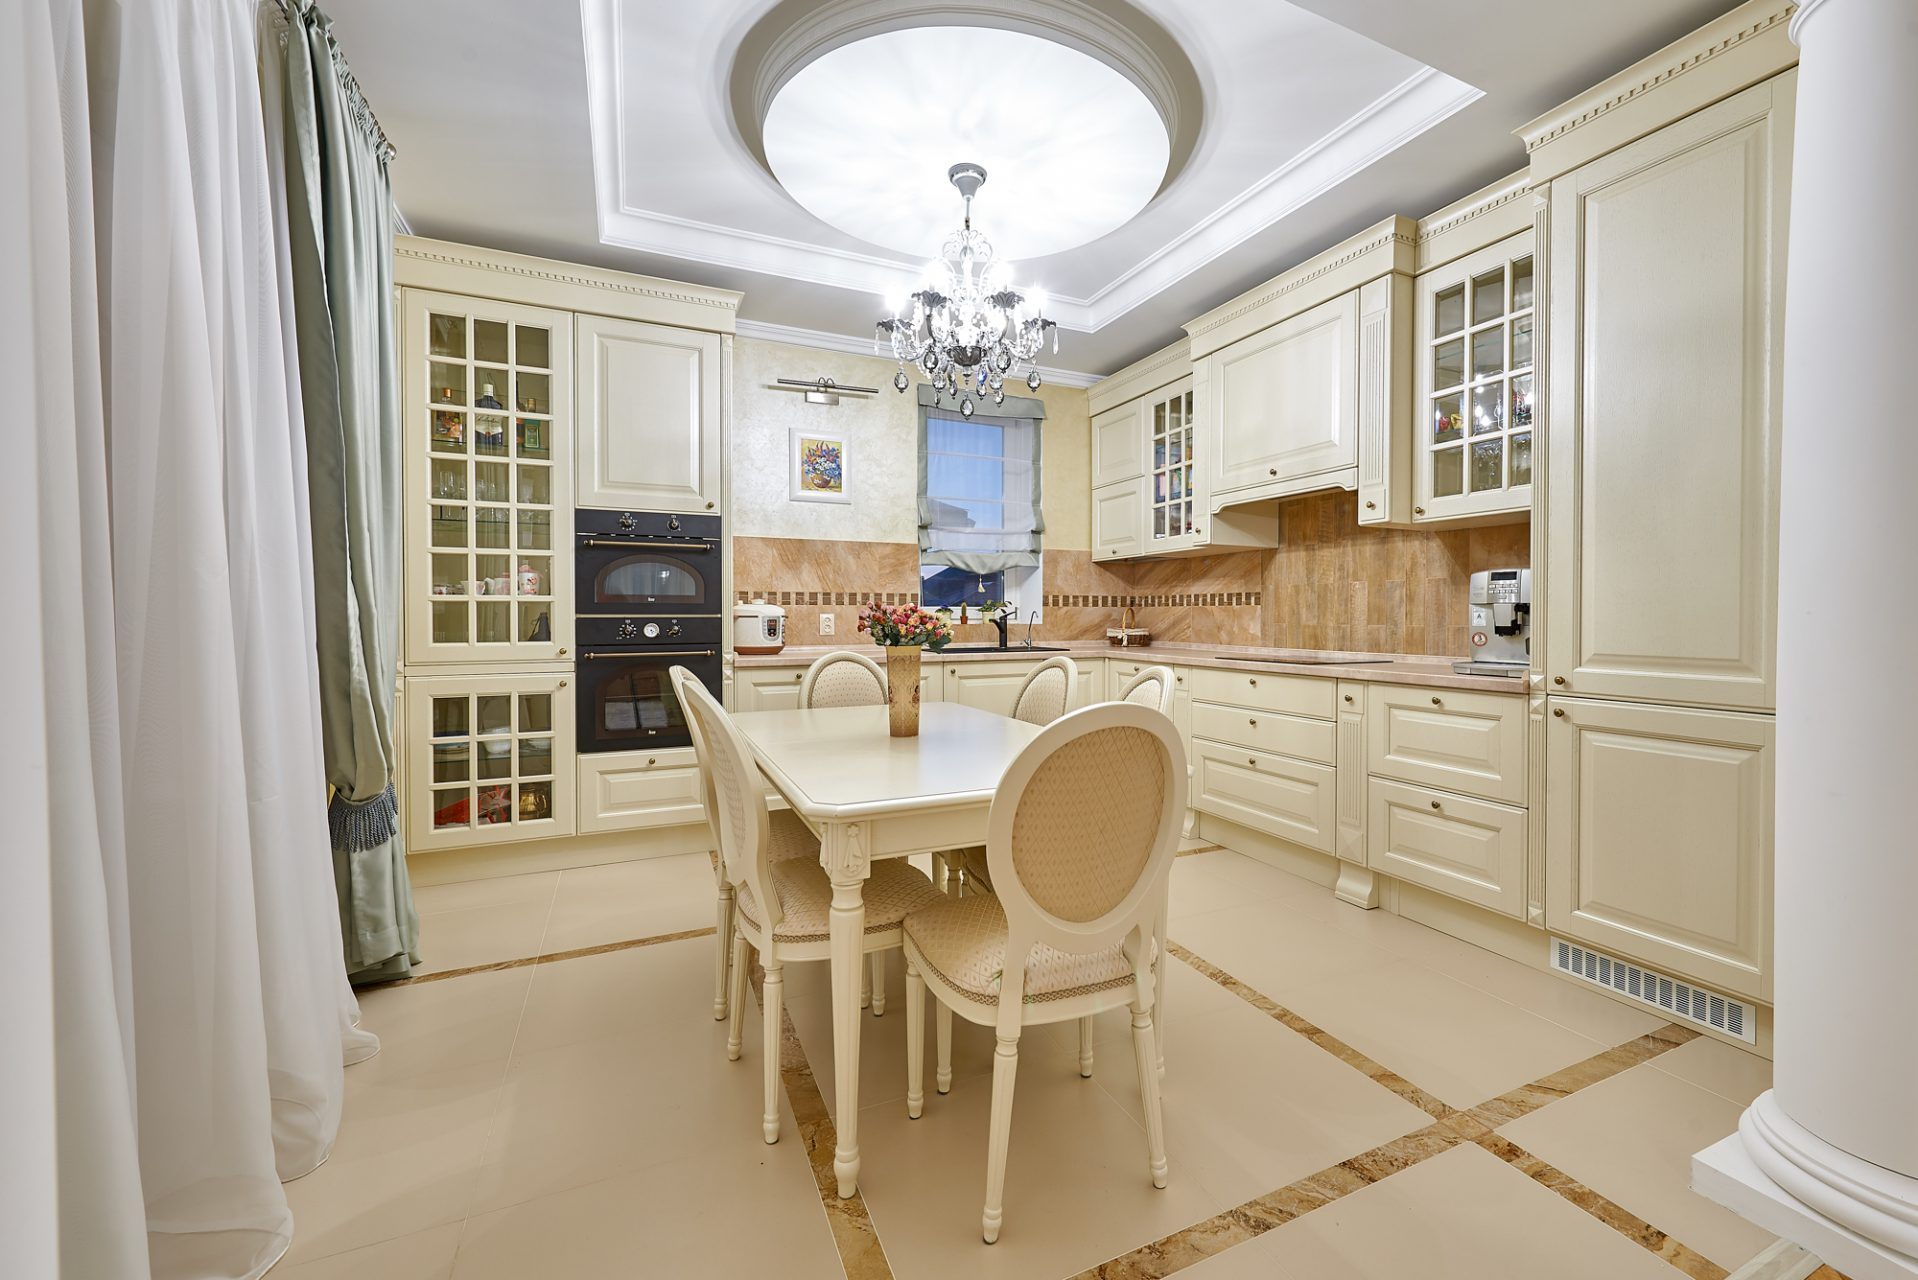 003_interior_kitchen3_korneychikeu